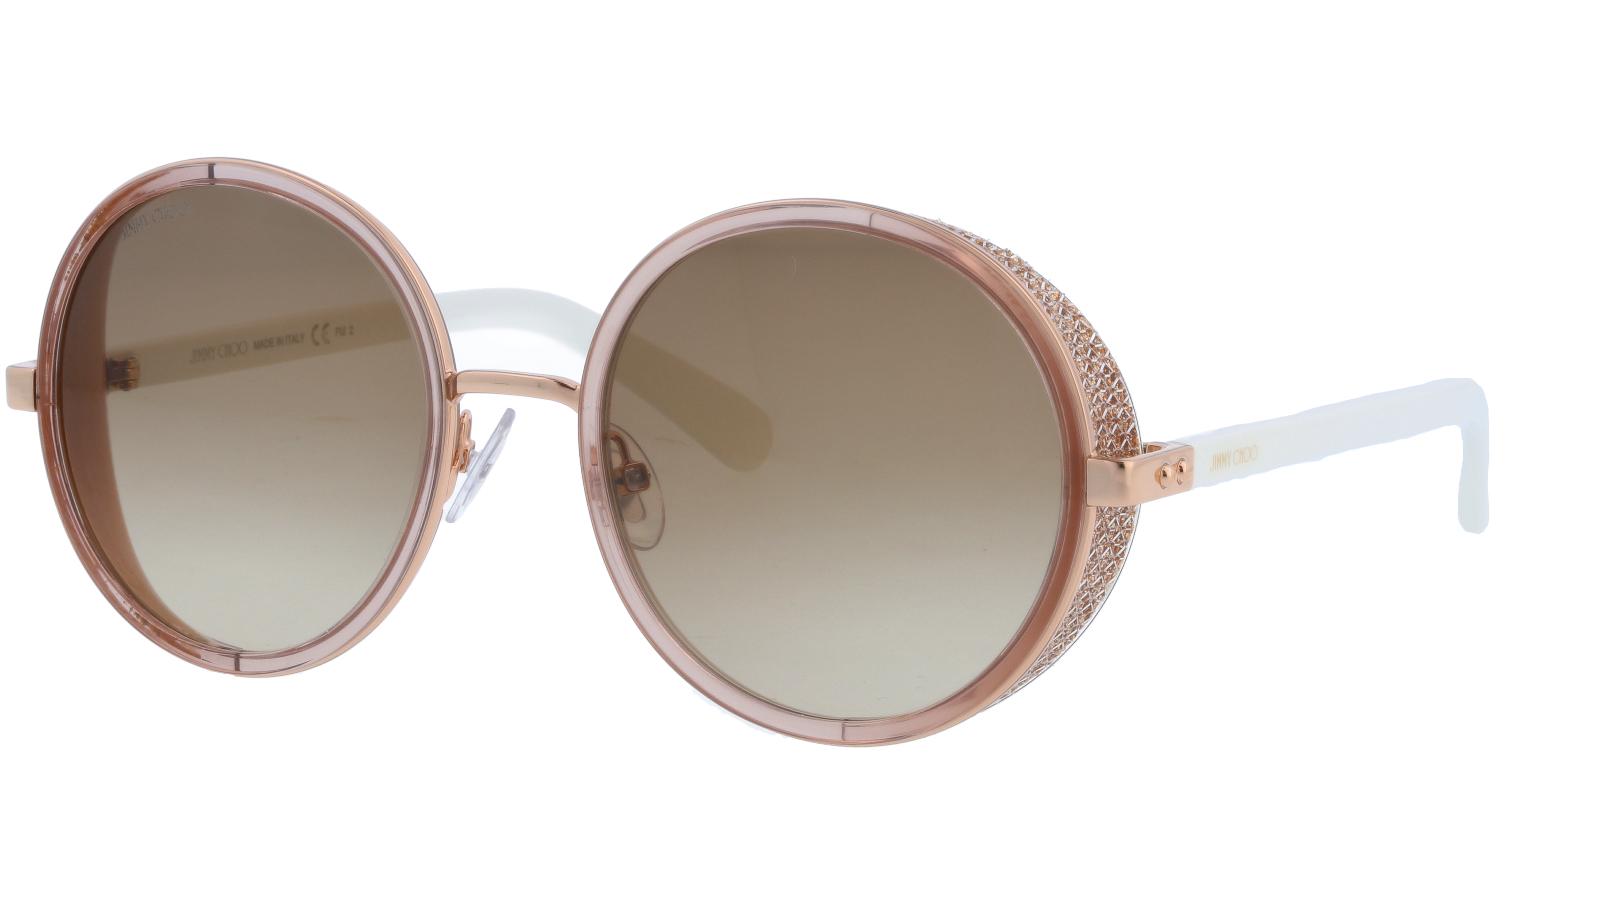 JIMMY CHOO ANDIENS 1KHCC 54 GOLD Sunglasses